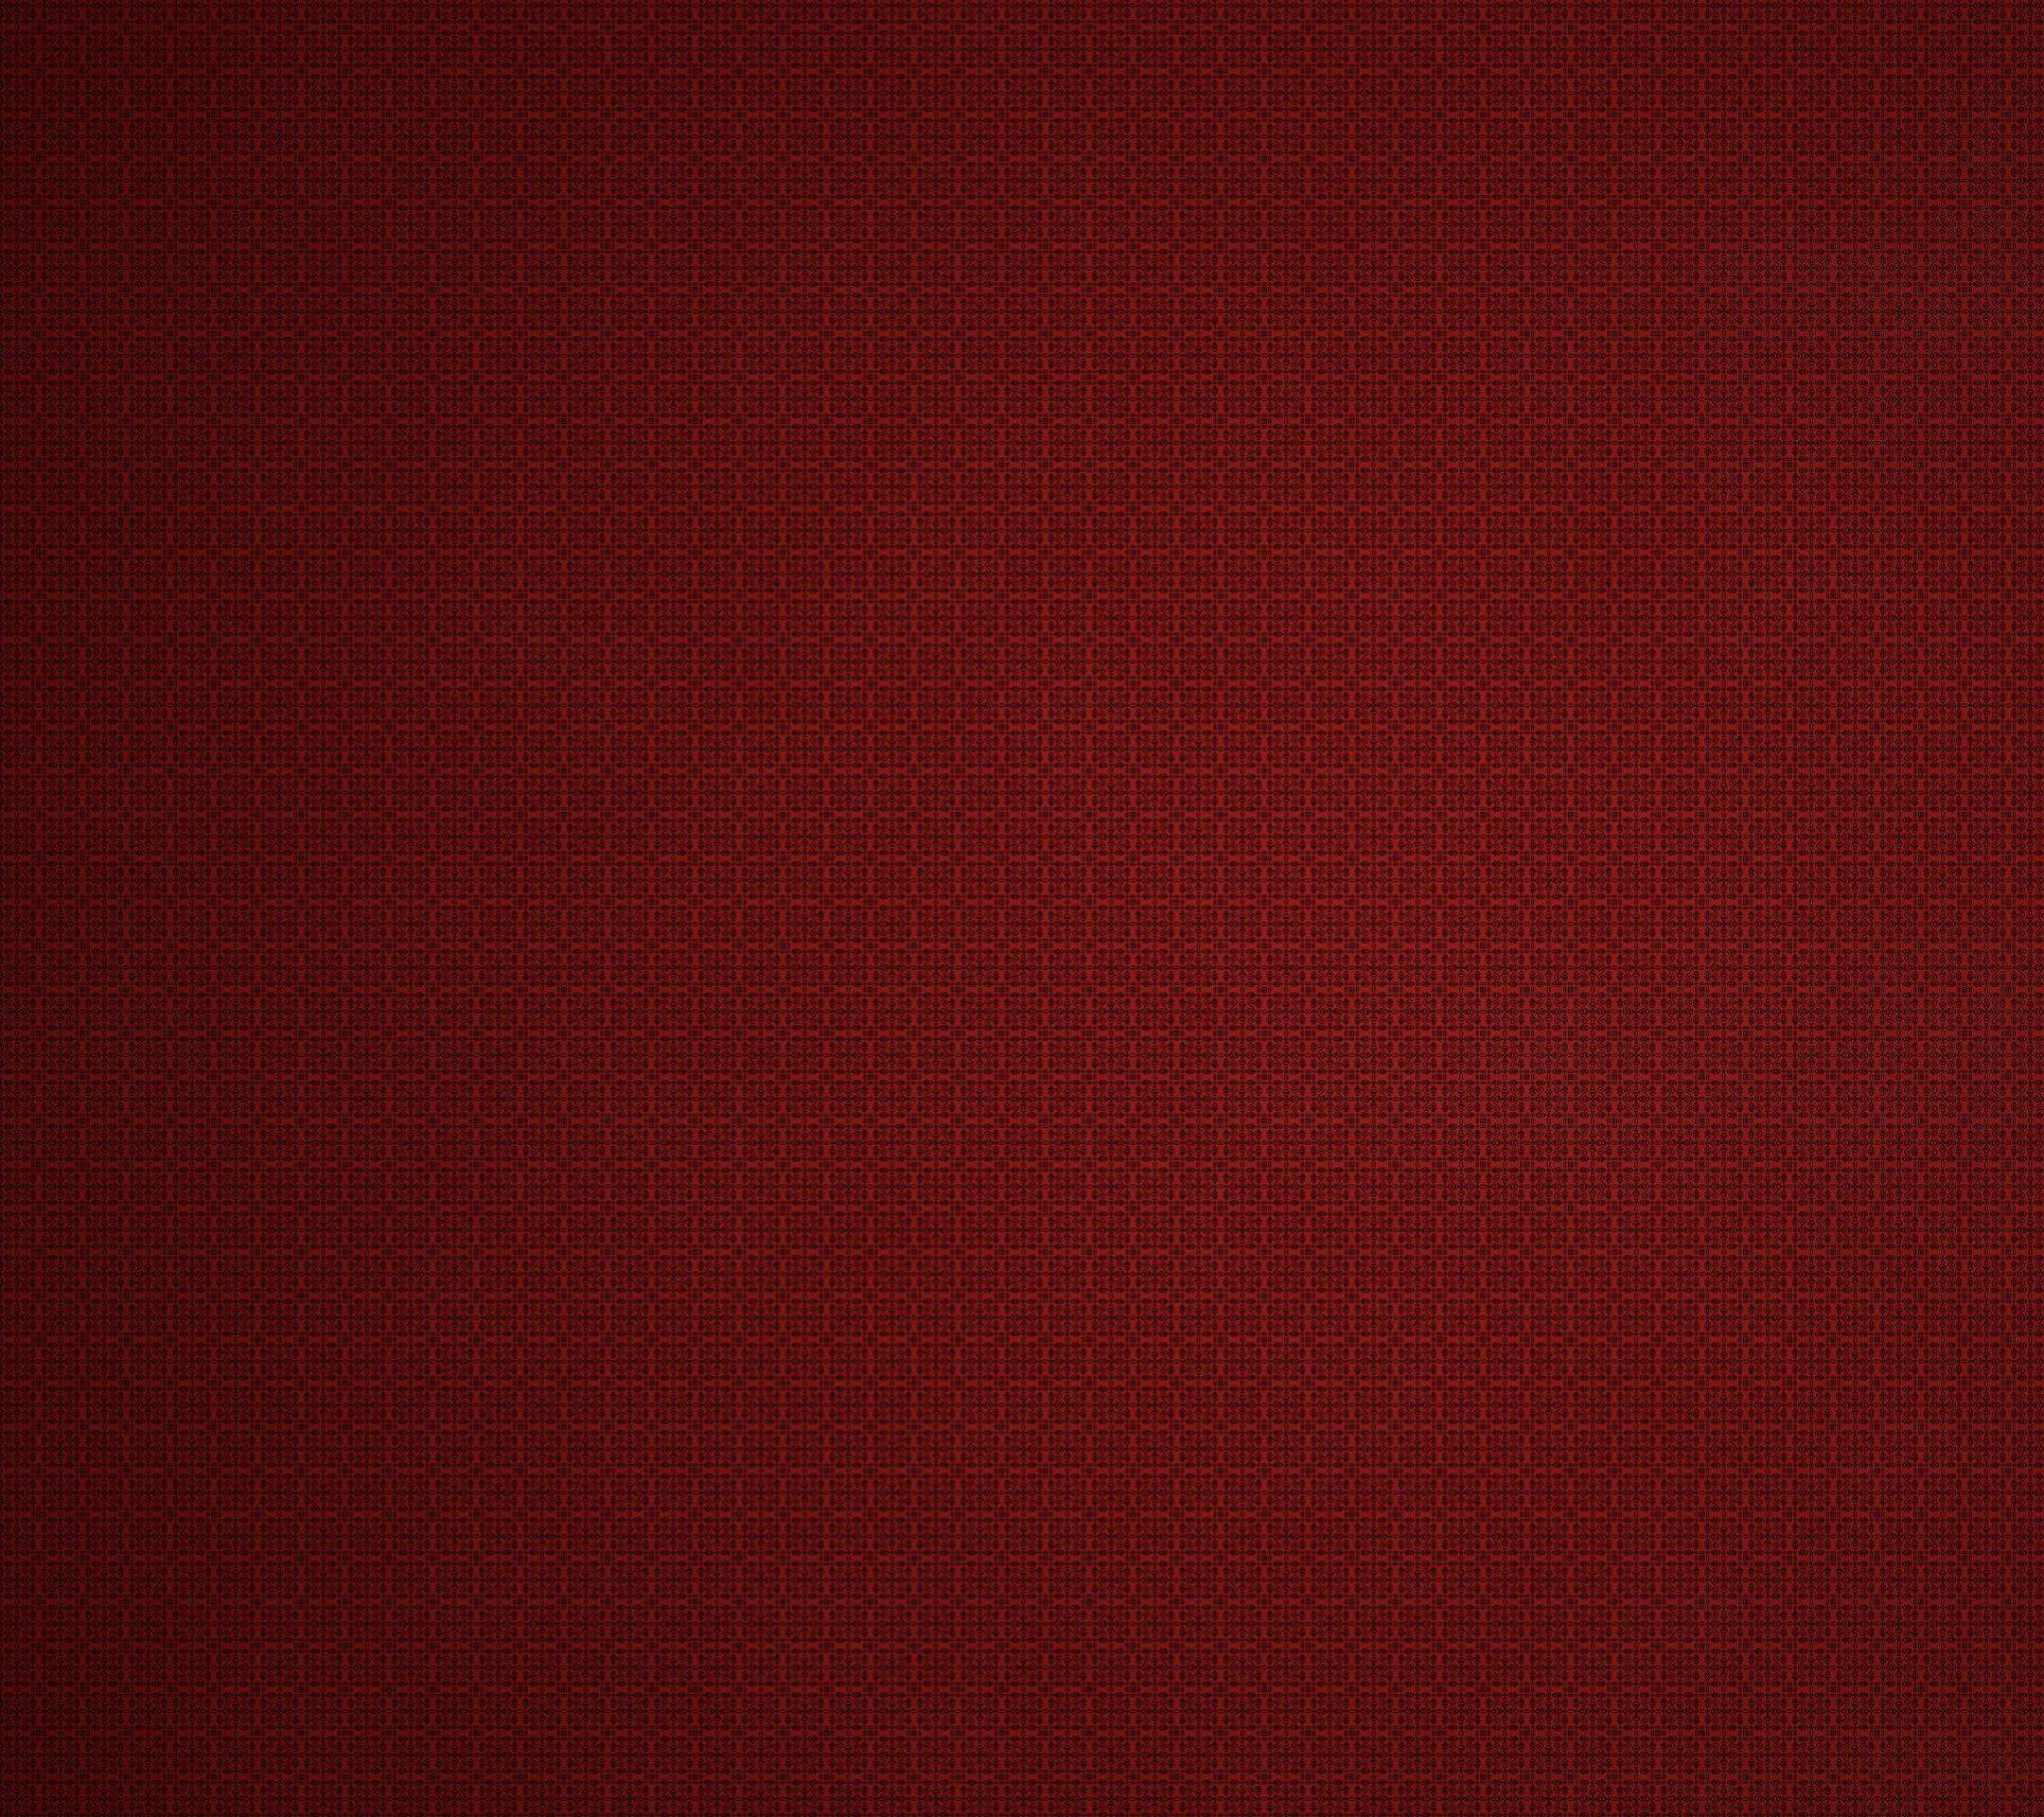 赤の幾何学模様 Android壁紙 Wallpaperbox